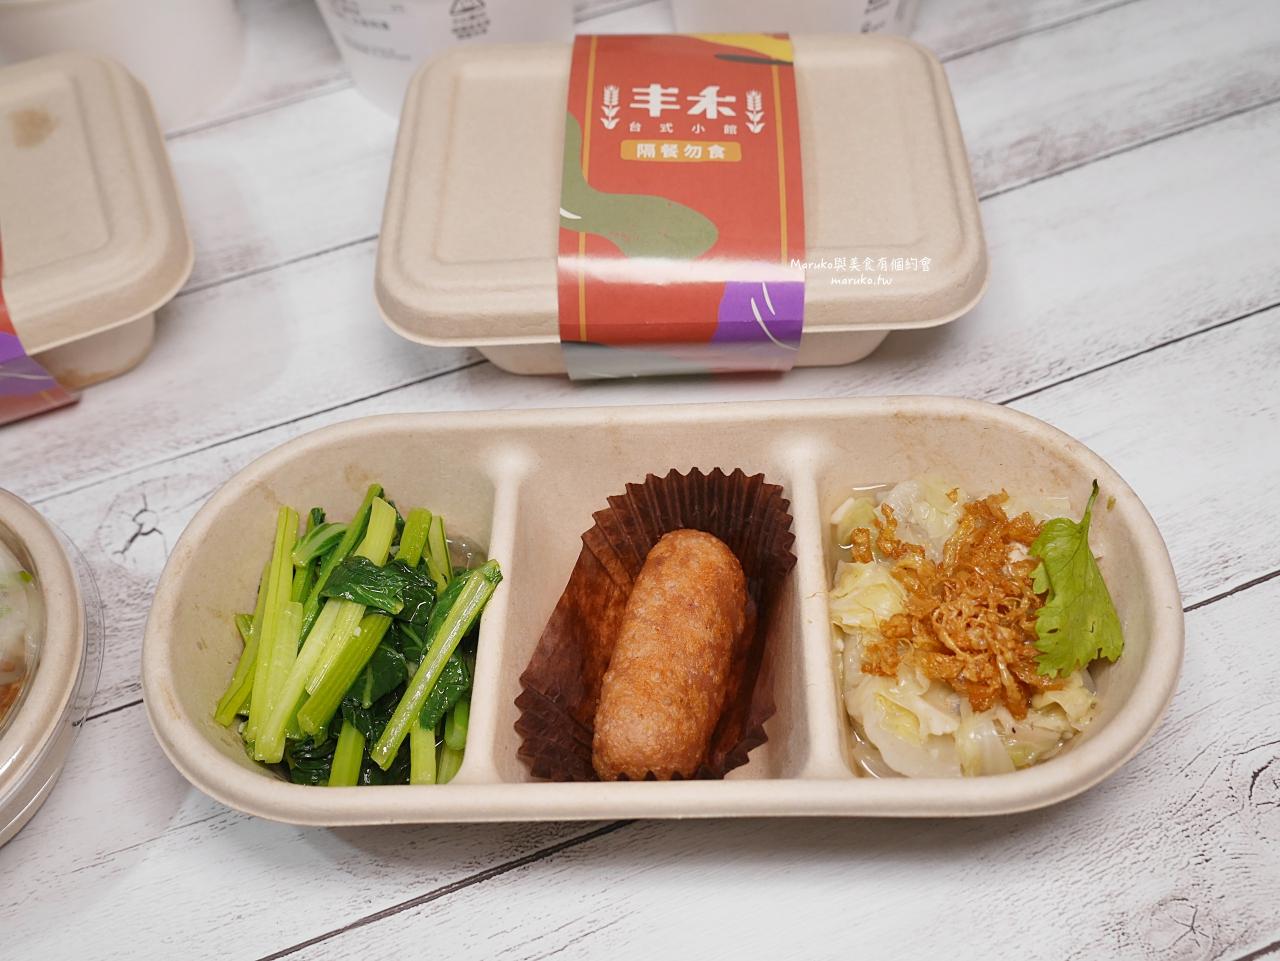 【台北】丰禾台式小館 王品台菜 外帶套餐七樣最低169元 捷運松江南京站美食 @Maruko與美食有個約會